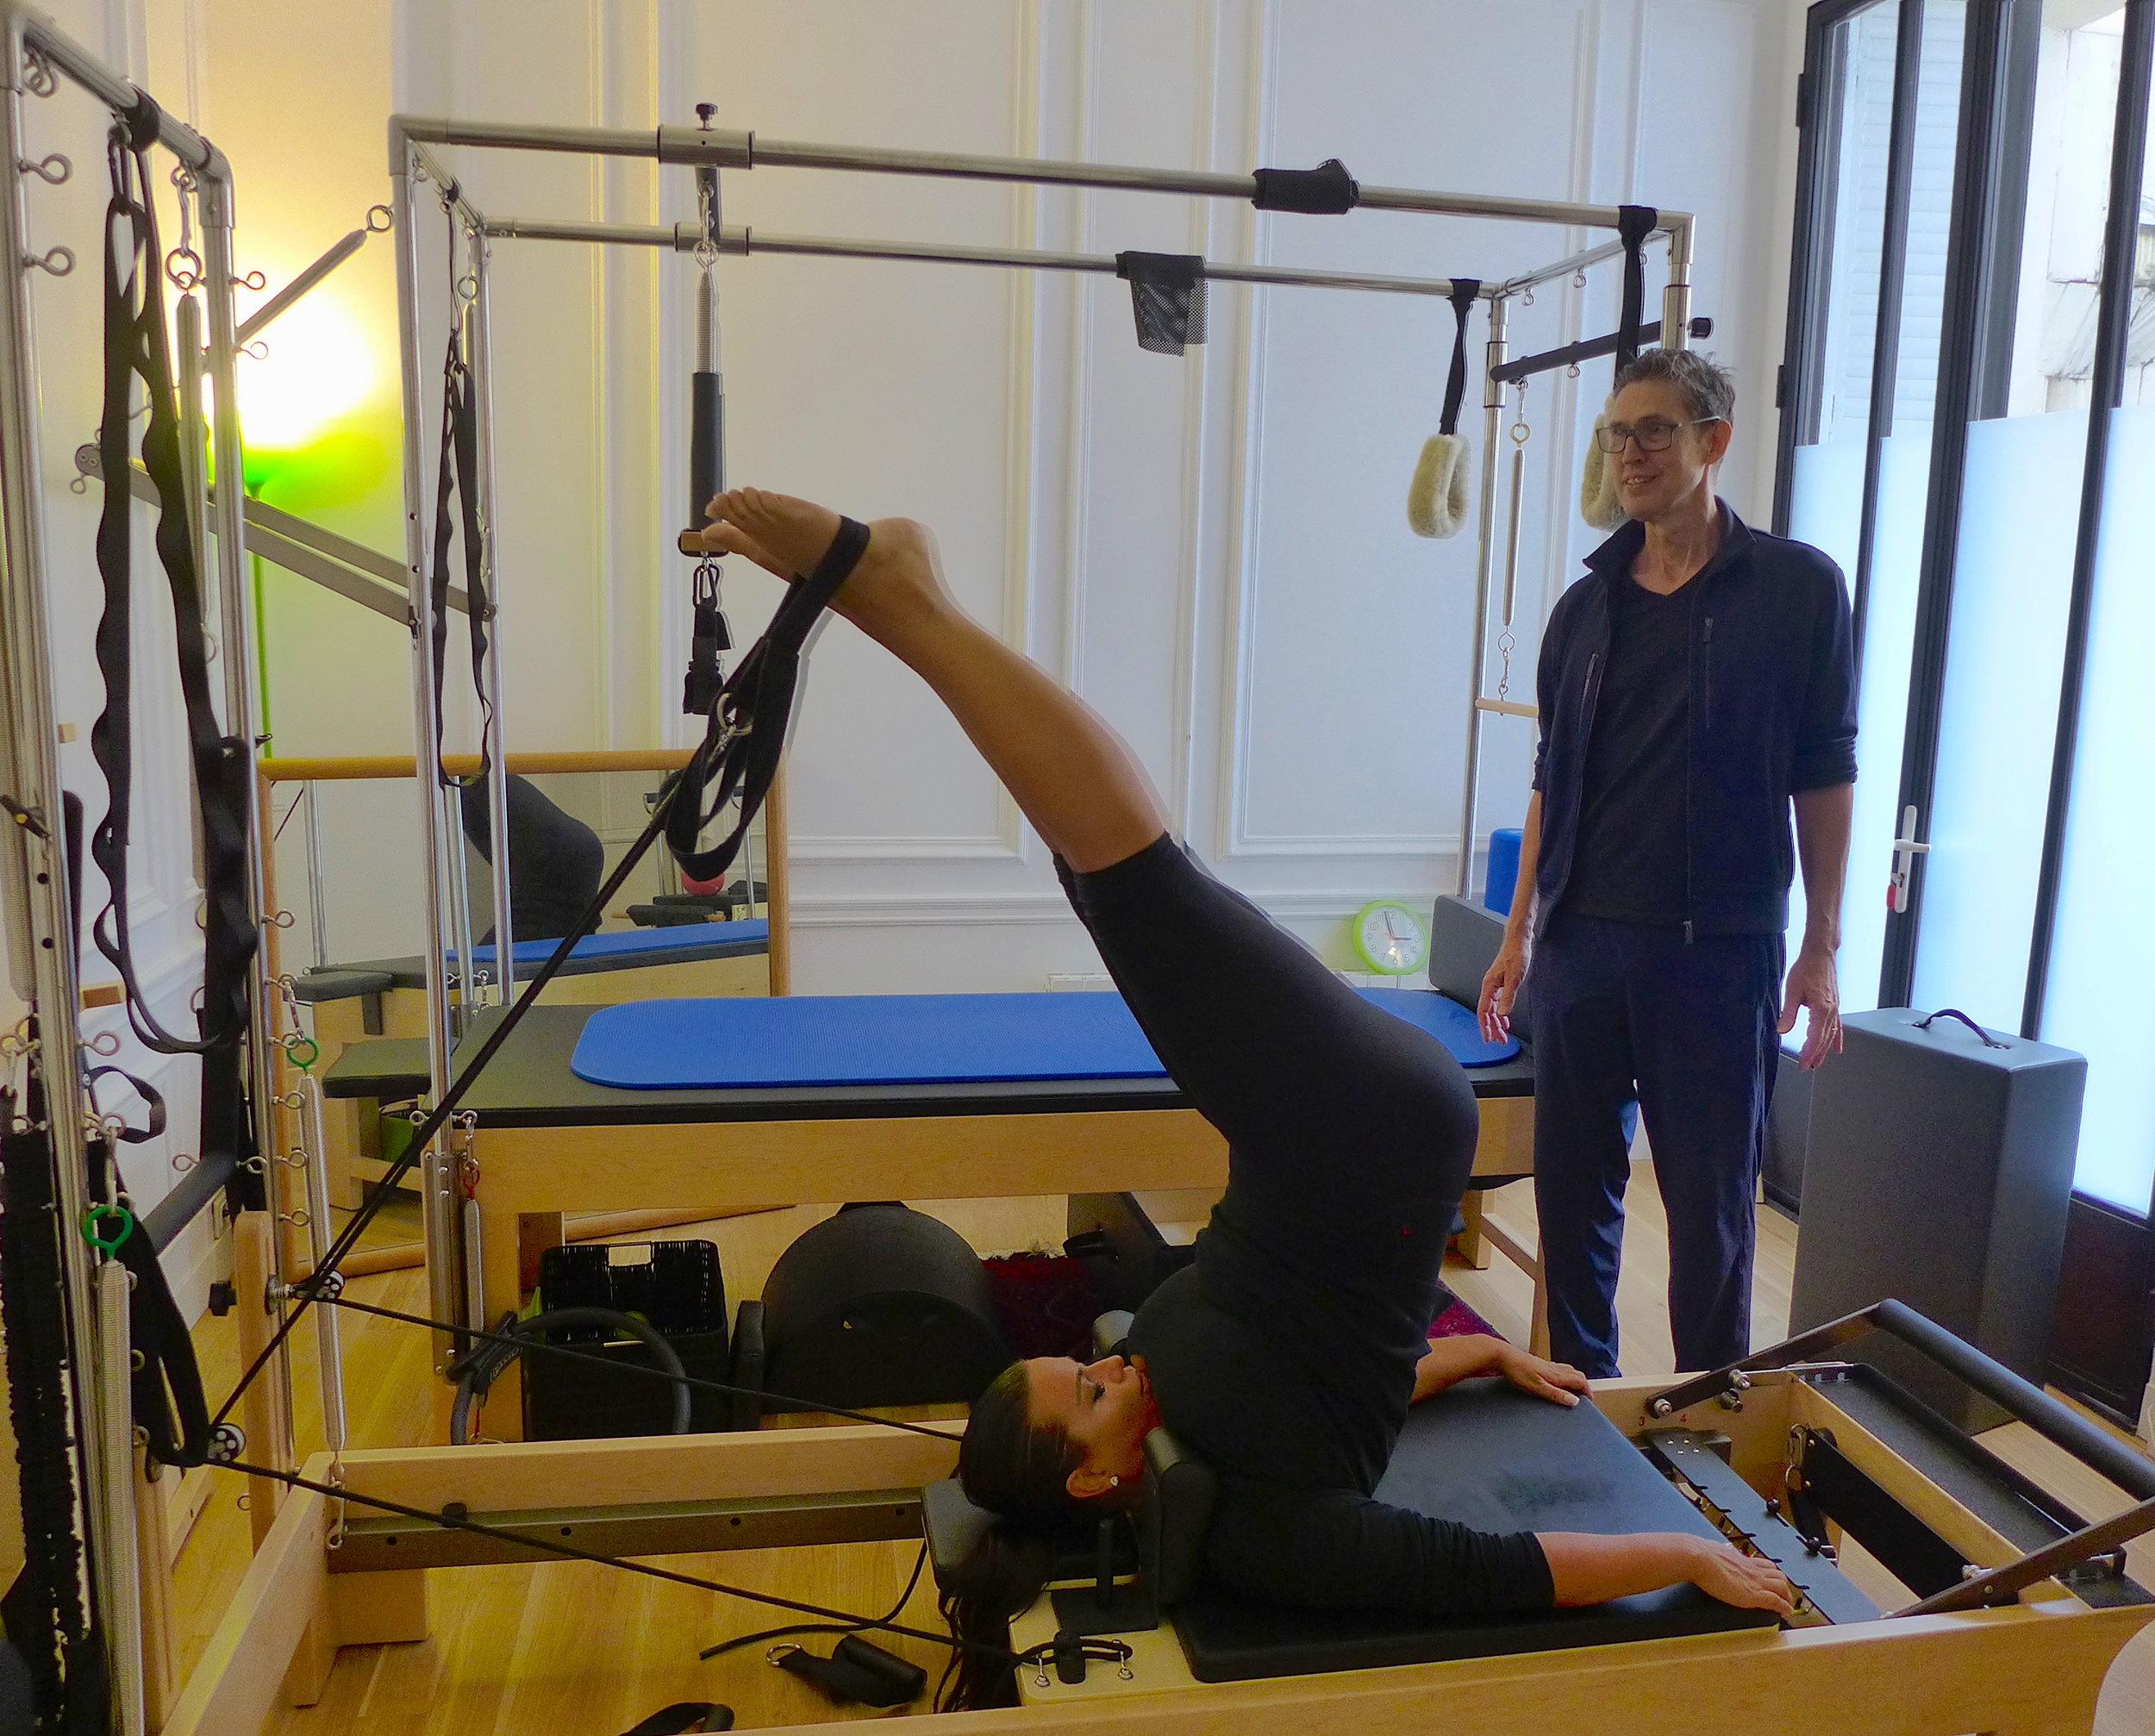 Pilates sur le réformateur vous permet de rester souple et fort. (Cliquez pour agrandir). Pilates on the reformer keeps you flexible and strong. (Click to expand)